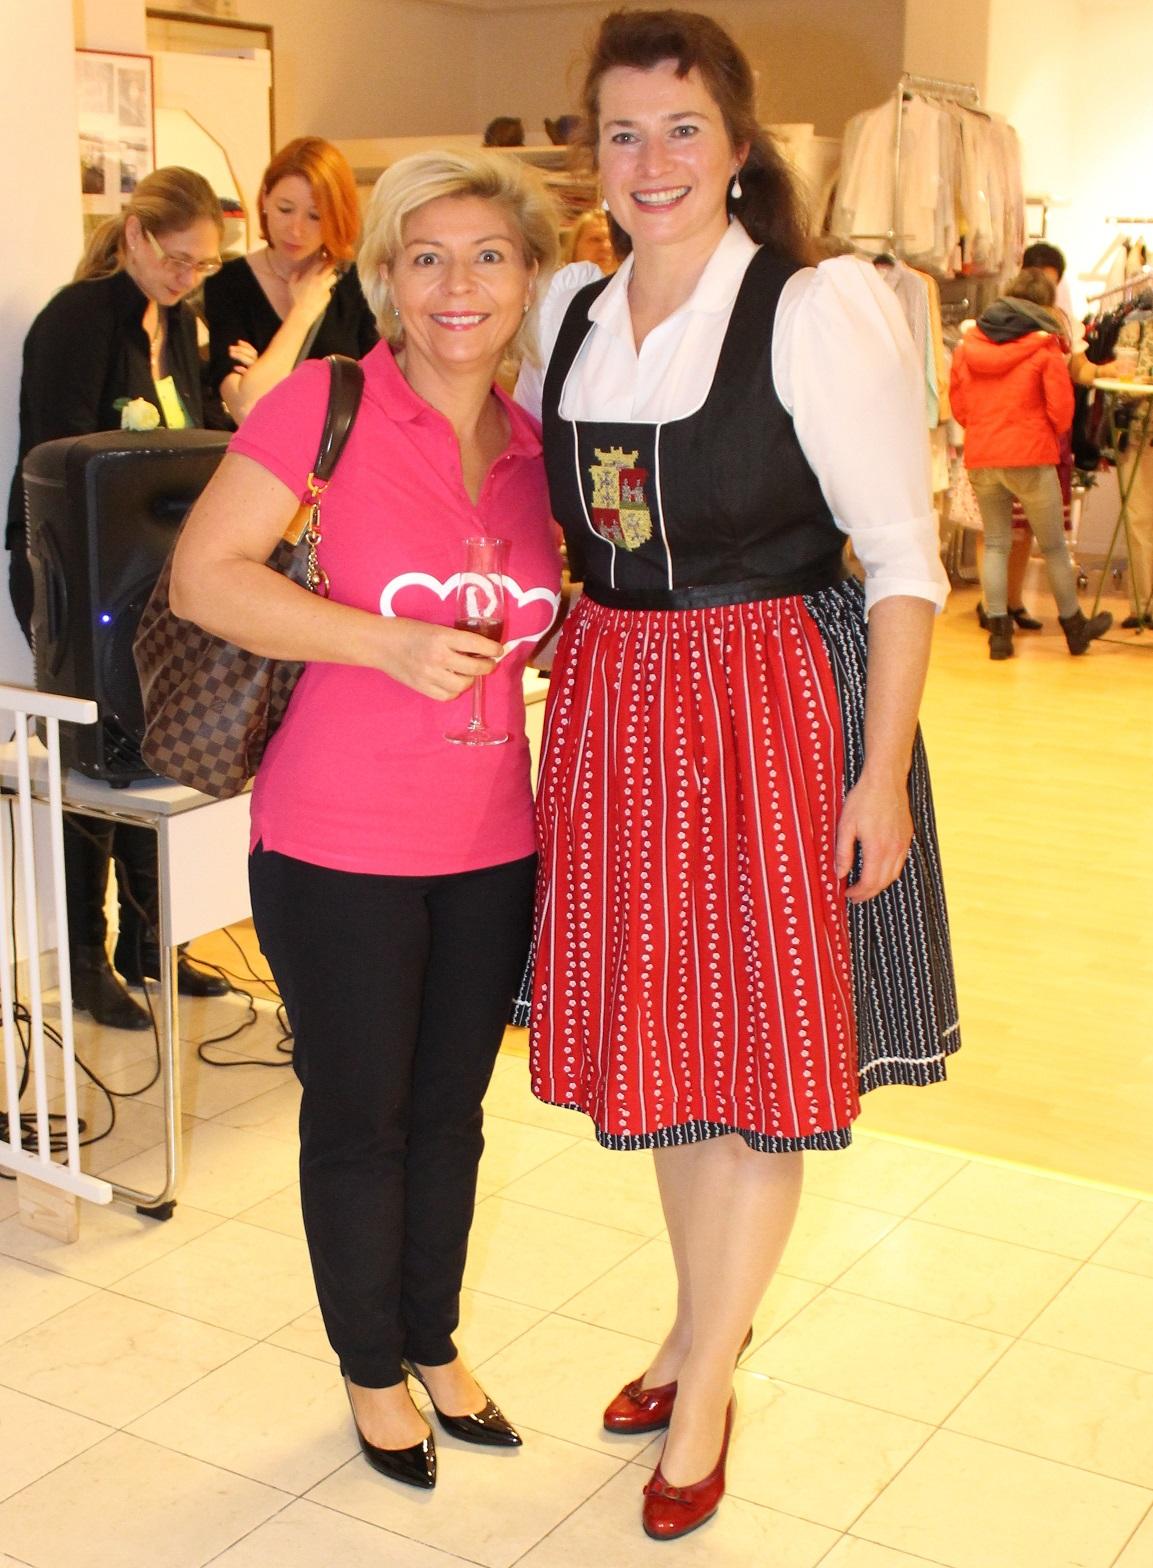 Begrüssung Kabarettistin Isabella Woldrich mit Elke Wainig